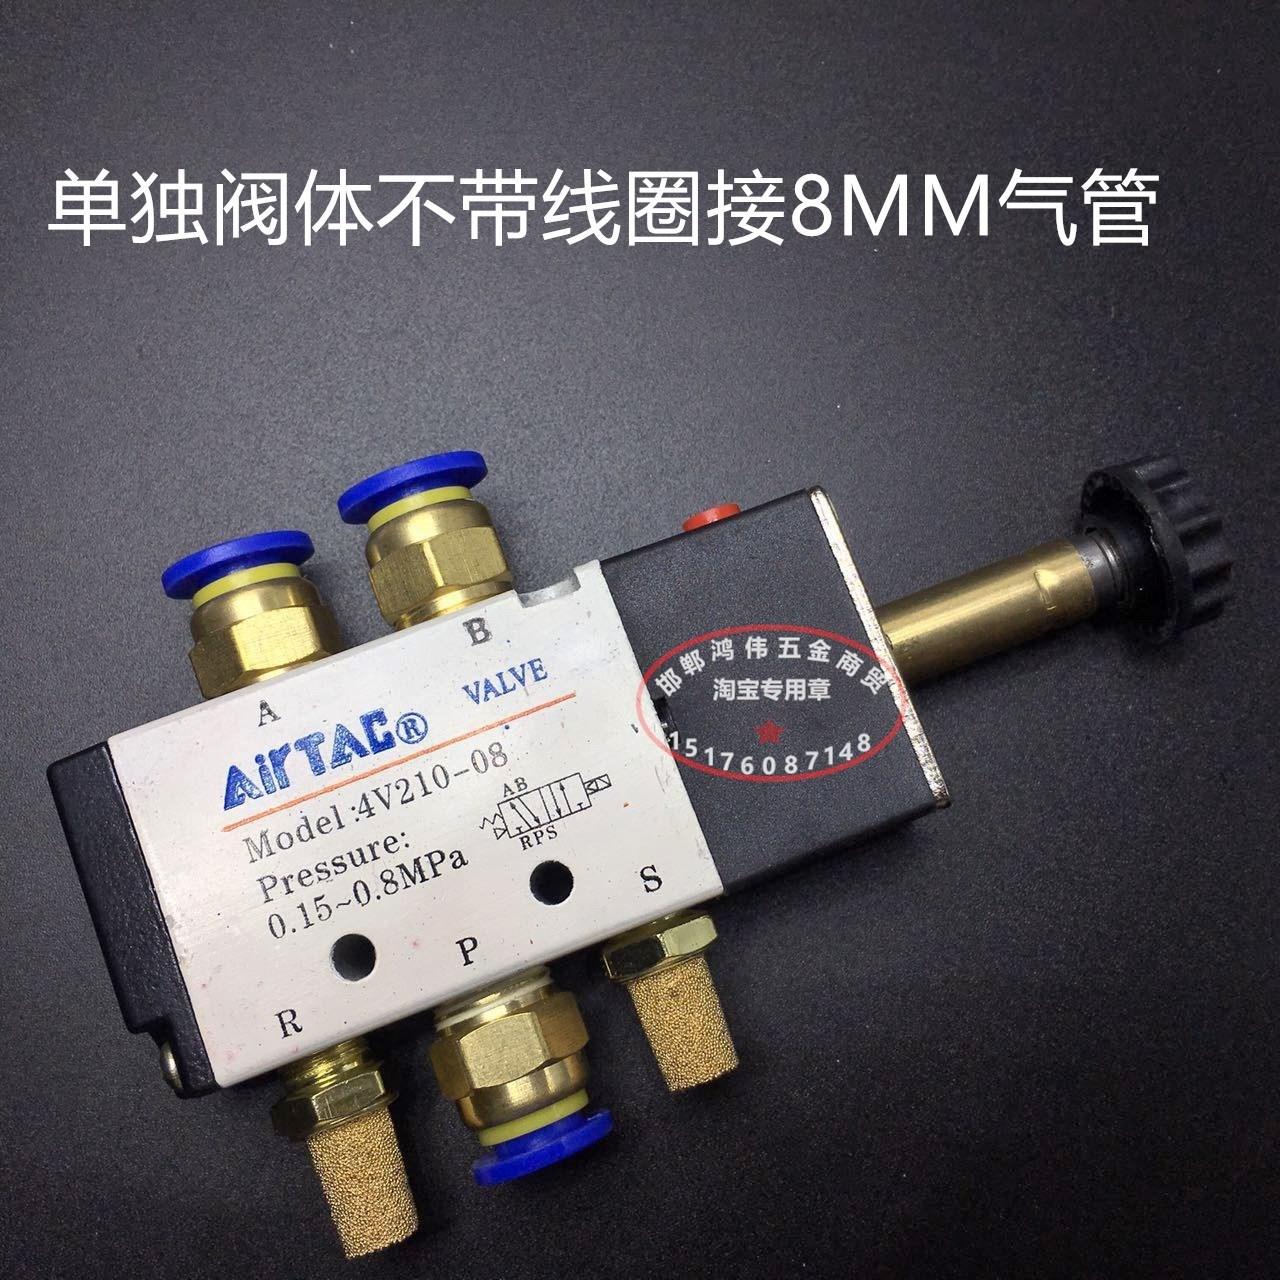 電磁弁マフラ電磁弁のスイッチを制御する